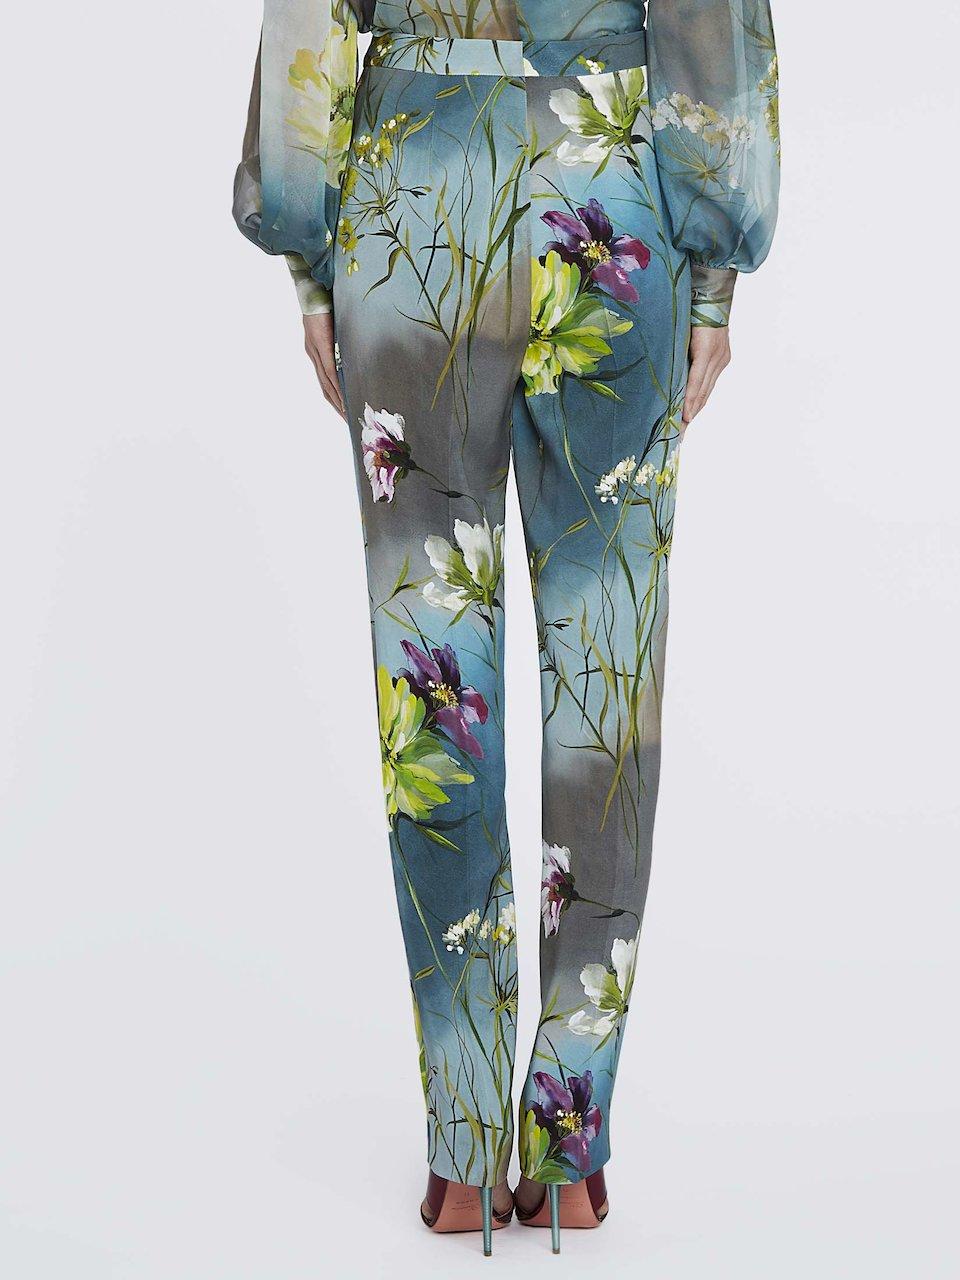 ef8934ba57e5a Pantalon Cigarette De Tailleur Imprimé À Fleurs   Blumarine Shop Online